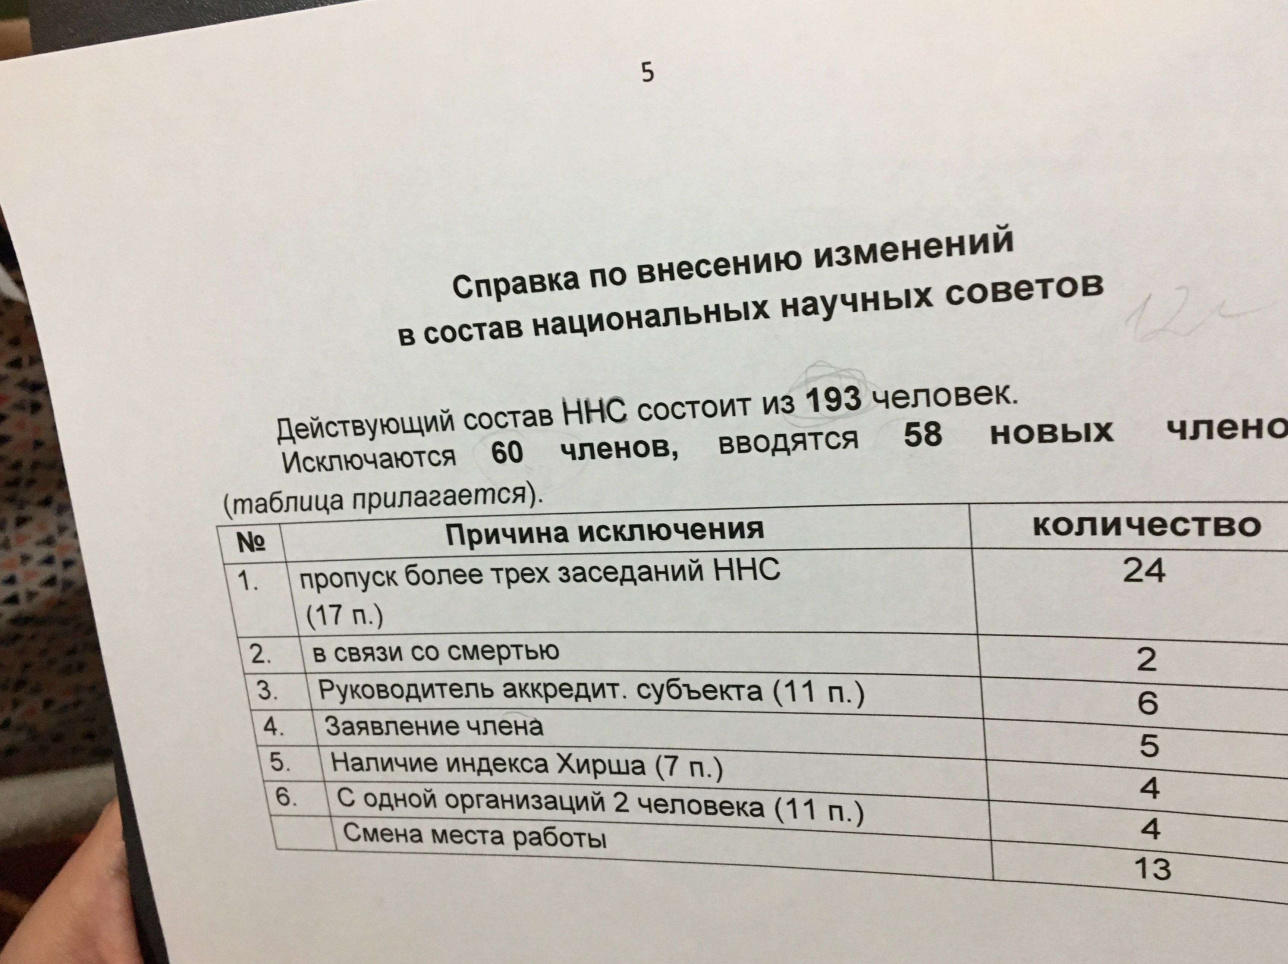 Фото документа, который предоставила руководитель управления внешнего анализа коррупционных рисков АДГСПК Айгерим Парменова